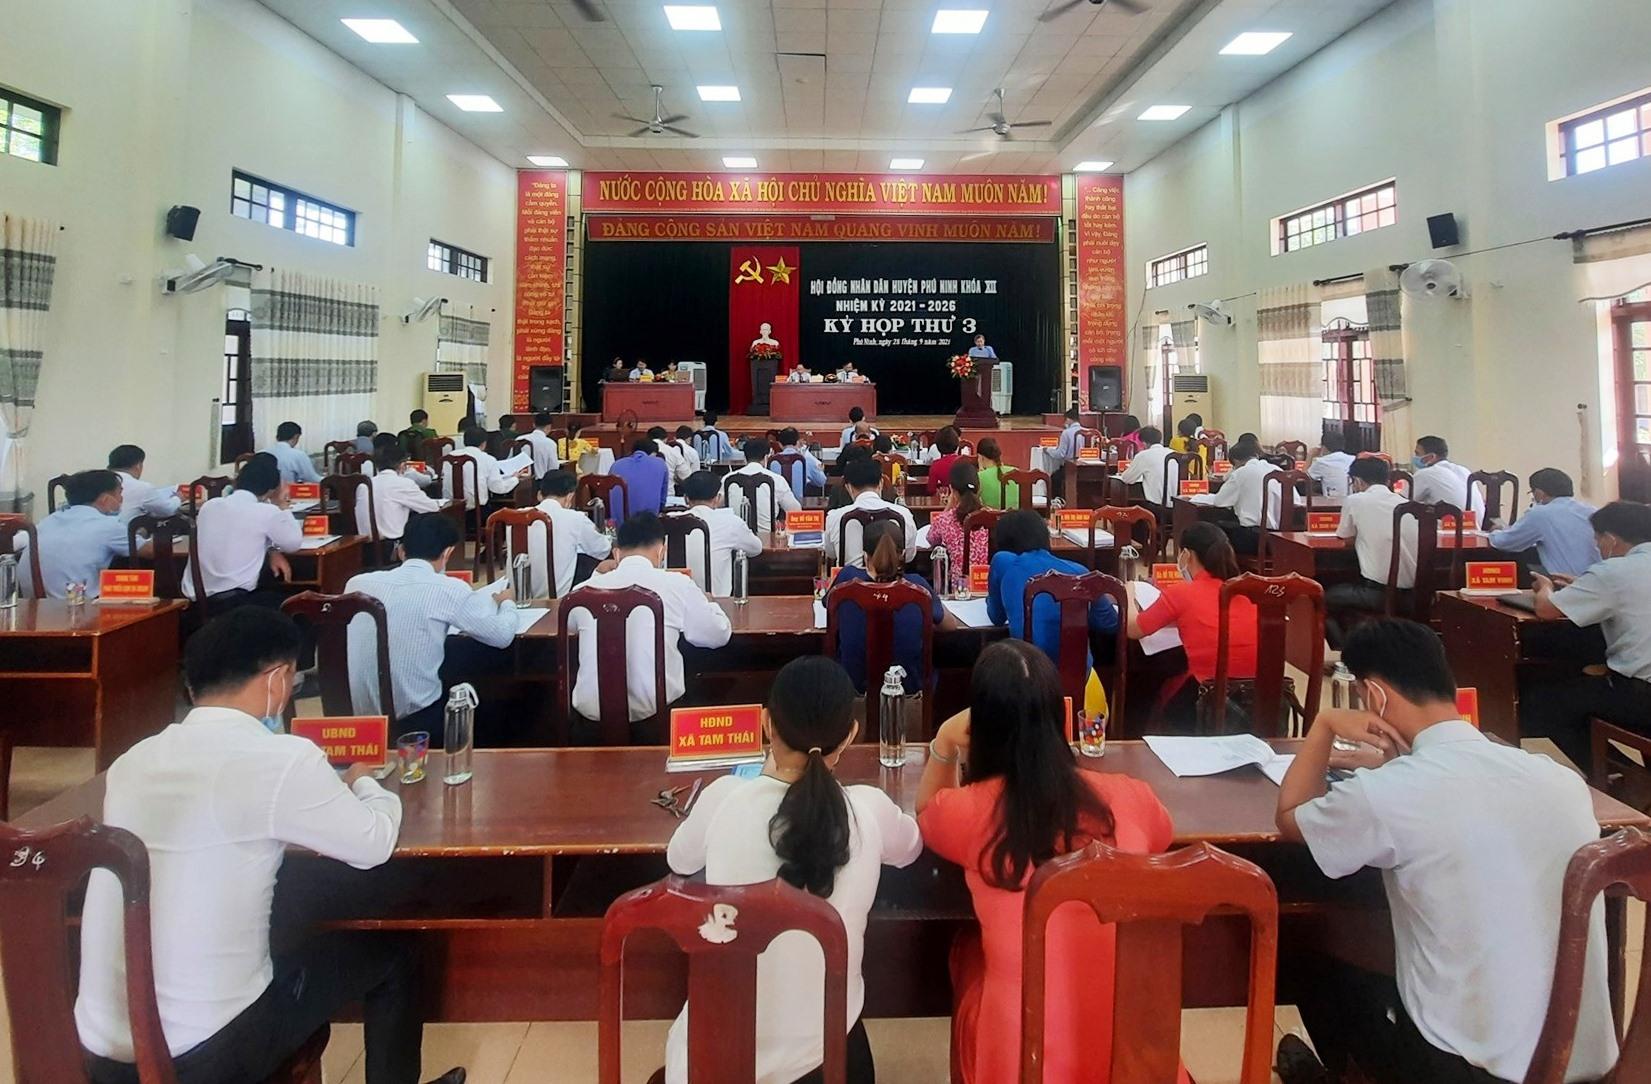 Tại kỳ họp thứ 3, HĐND huyện Phú Ninh khóa XII đã thông qua 6 nghị quyết. Ảnh: Đ.V